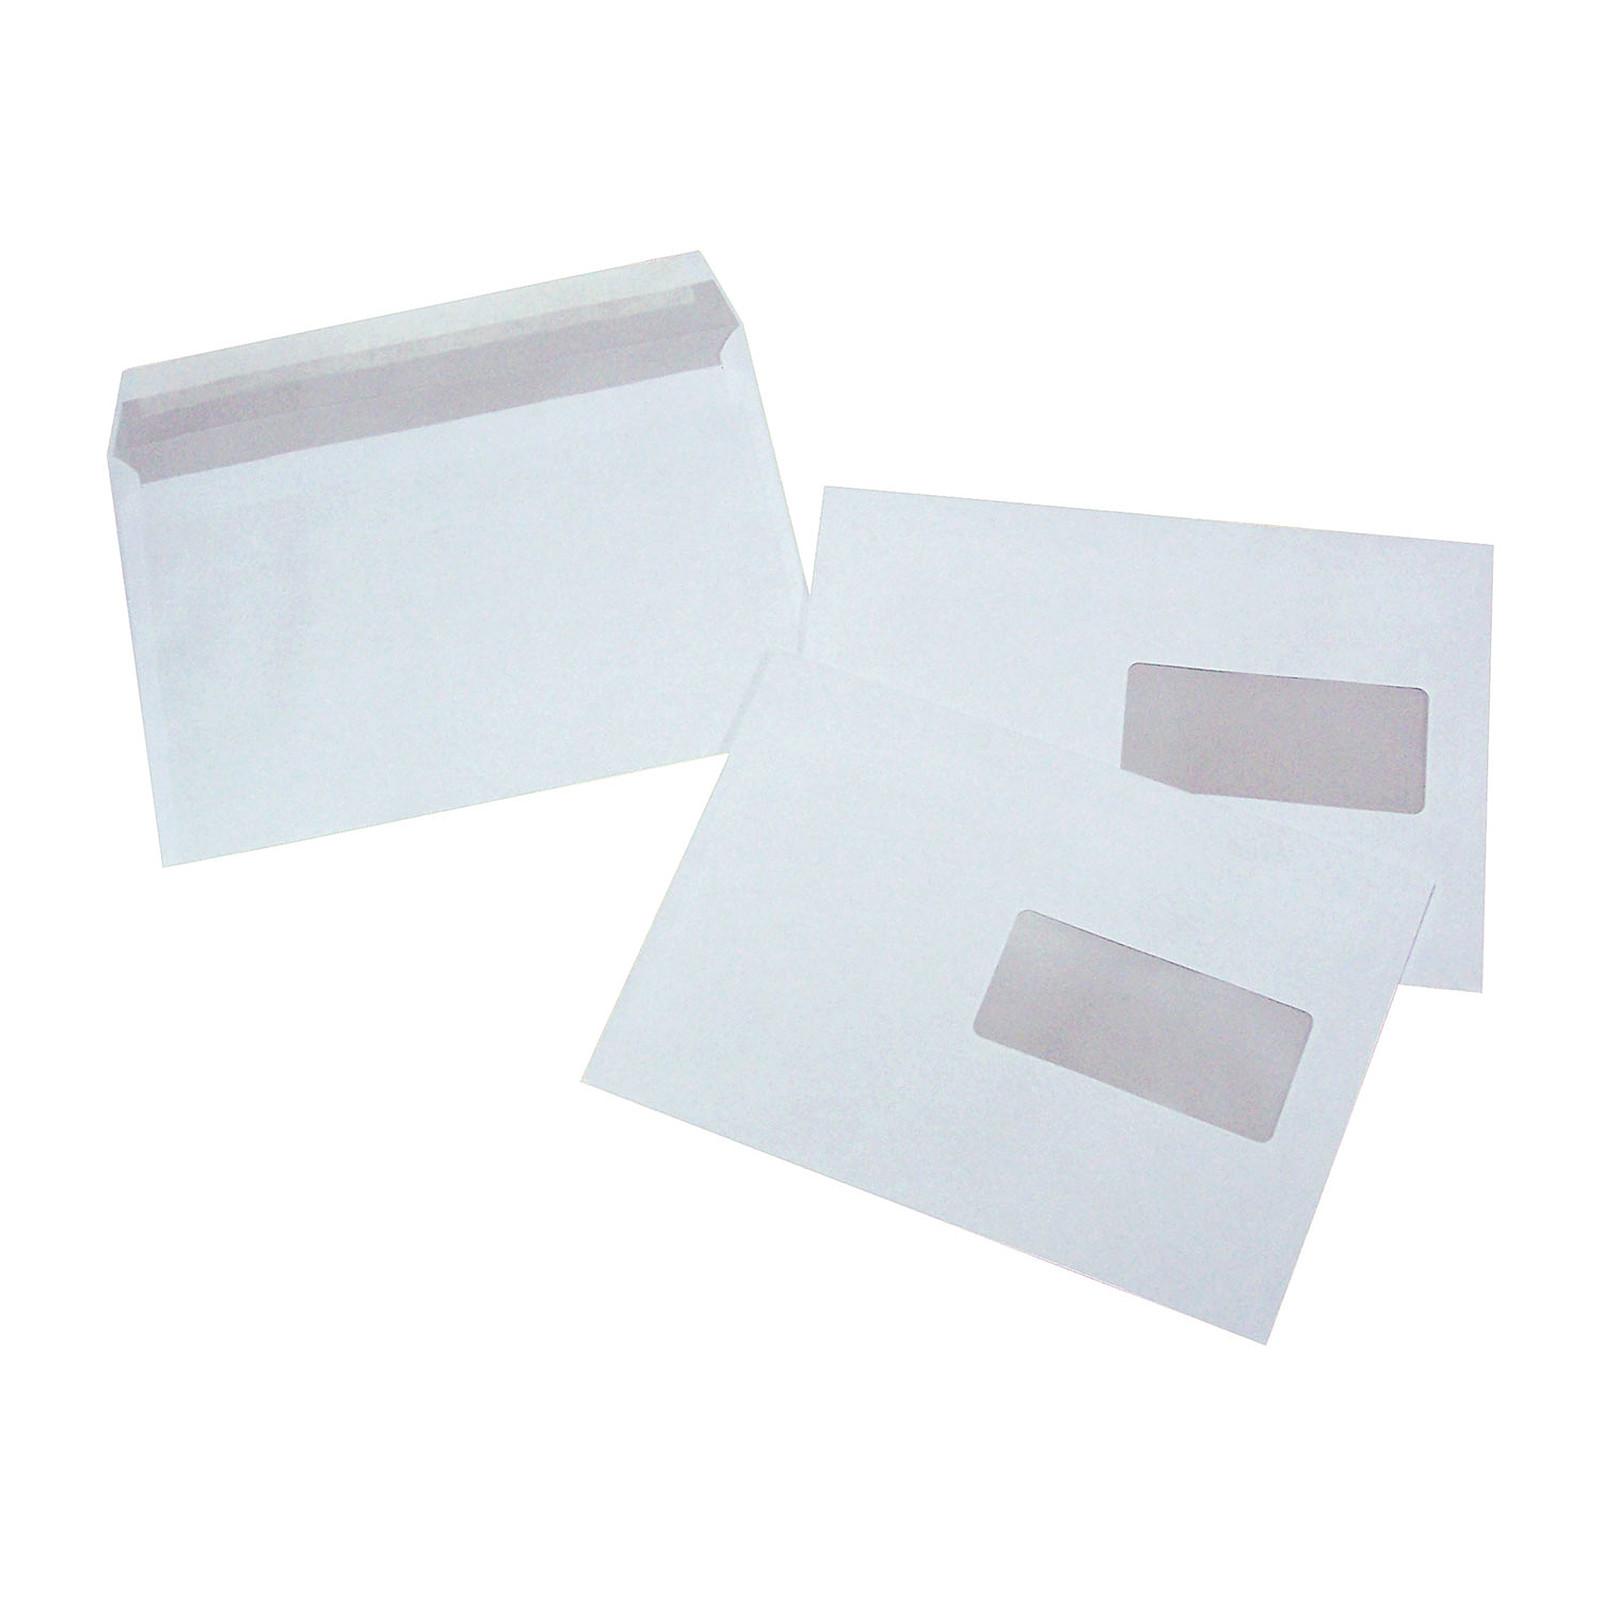 500 enveloppes C5 auto-adhésives 80g fenêtre 45x100 mm